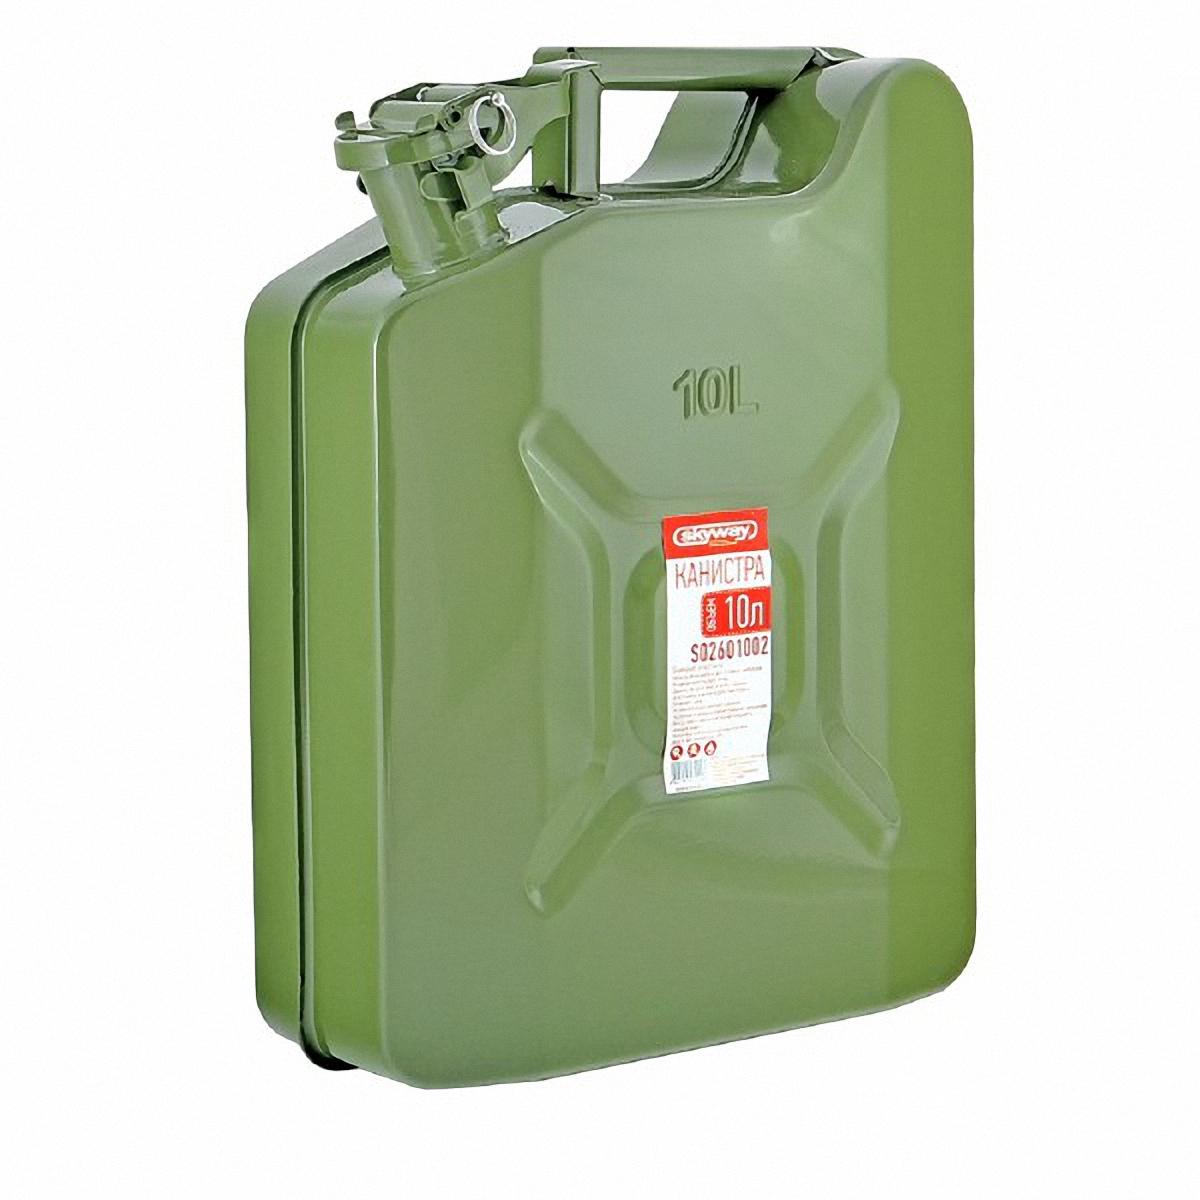 Канистра Skyway, 10 л. S0260100294672Металлическая канистра предназначена для хранения жидкостей, в том числе топлива и топливных смесей. Изготовлена из стали холодного проката, что обеспечивает повышенную прочность. Внешняя поверхность оцинкована и окрашена. Внутреннее фосфатированное антикоррозийное покрытие препятствует образованию ржавчины. Ребра жесткости на боковых поверхностях канистры придают ей прочность при механических воздействиях. Устойчивая конструкция канистры предотвращает ее перемещение в багажнике при интенсивном движении, снижая уровень нежелательного шума. Механический механизм горловины предохраняет содержимое от протекания, а особые материалы резиновой прокладки придают ей высокую долговечность и устойчивость к механическим повреждениям в процессе эксплуатации.Конструкция рычажного механизма крышки предотвращает появления люфта при активной эксплуатации. Специализированная форма носика исключает проливание жидкости.